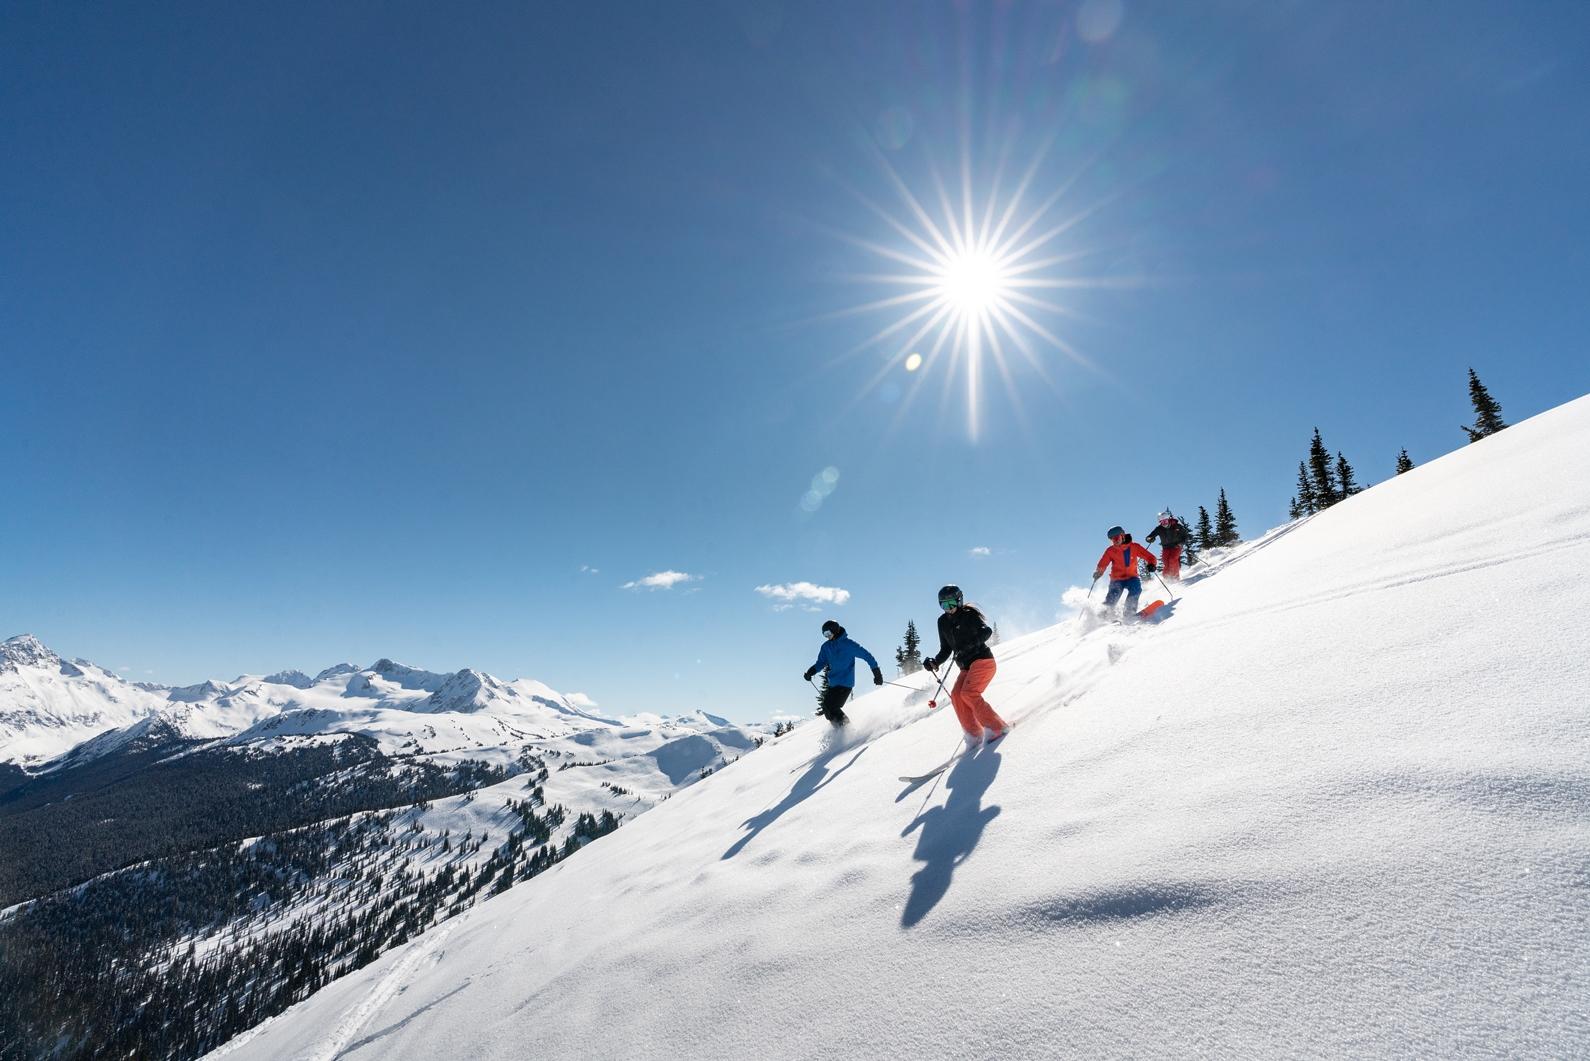 Gratis naar Whistler Canada met Wintersport Canada Amerika